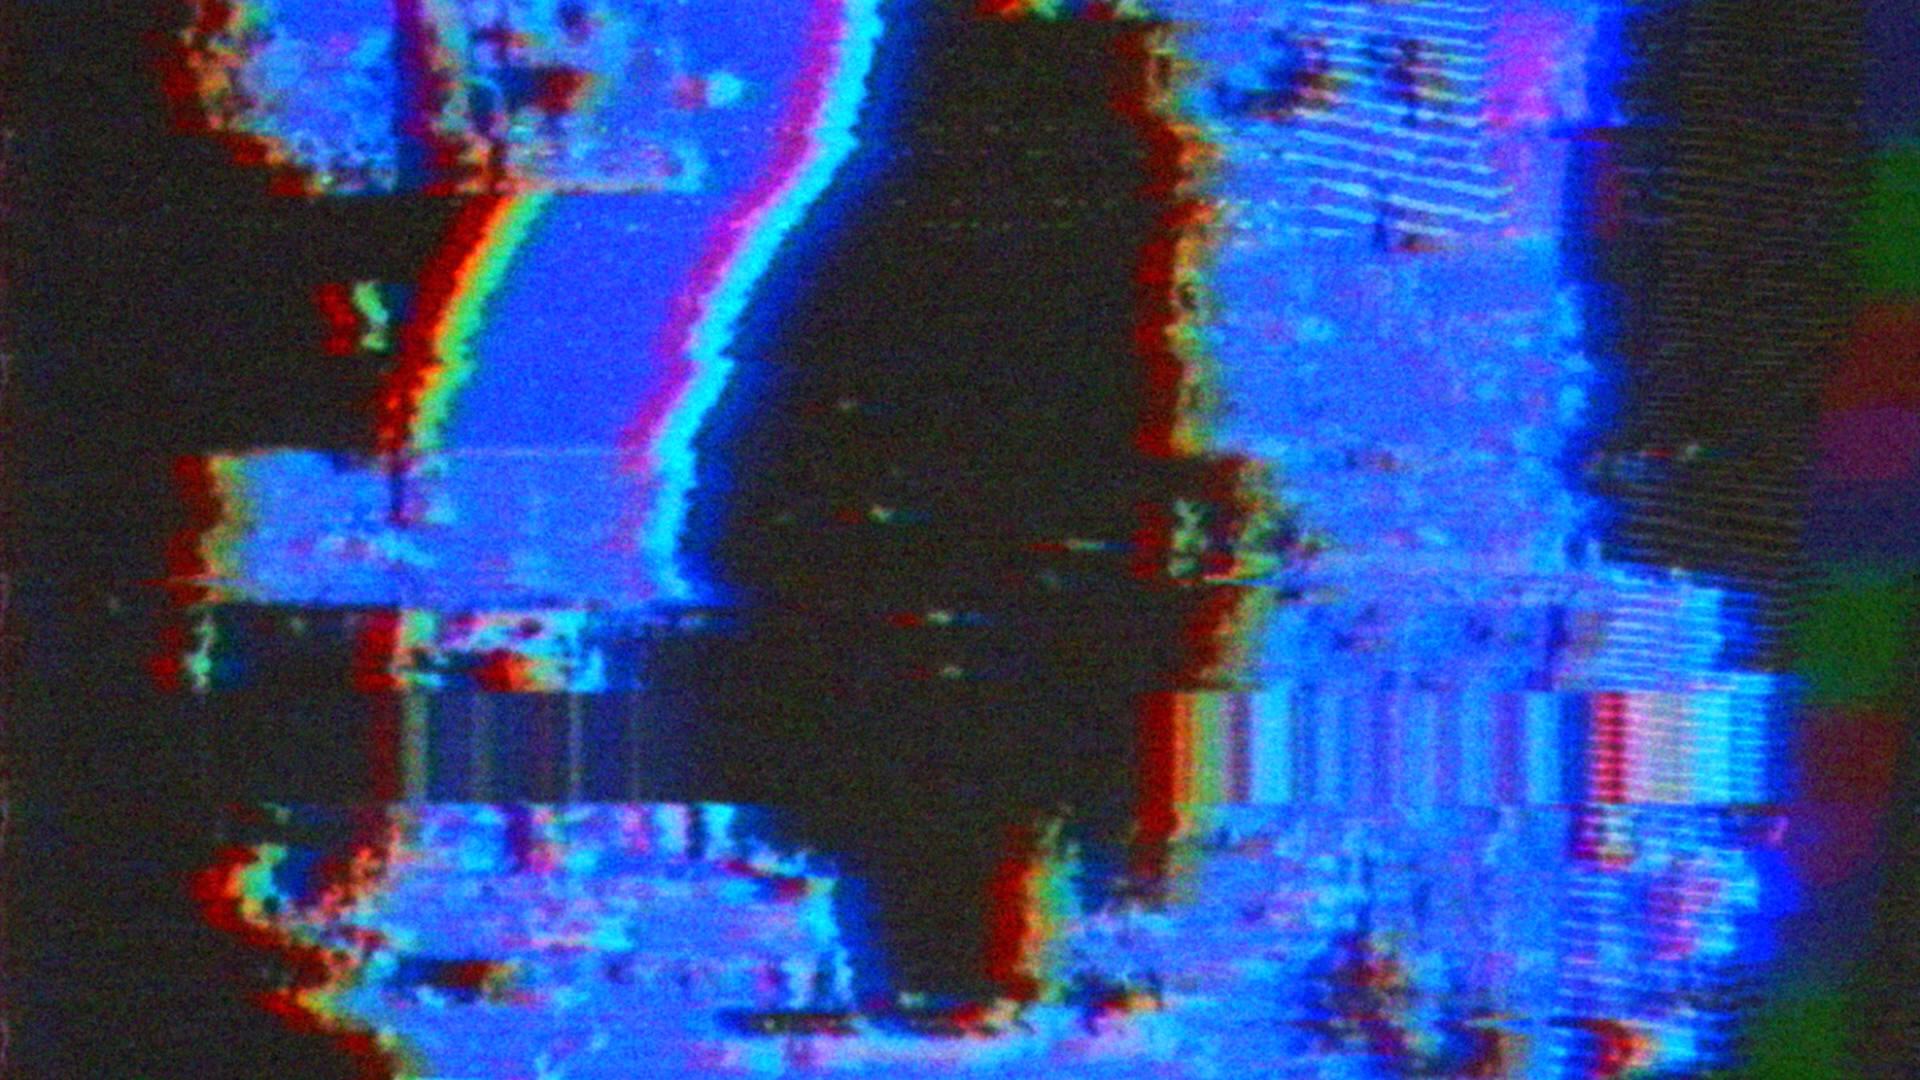 20180830_COLTSANTHEM18_MG_16.mp4.00_01_45_08.Still044.jpg